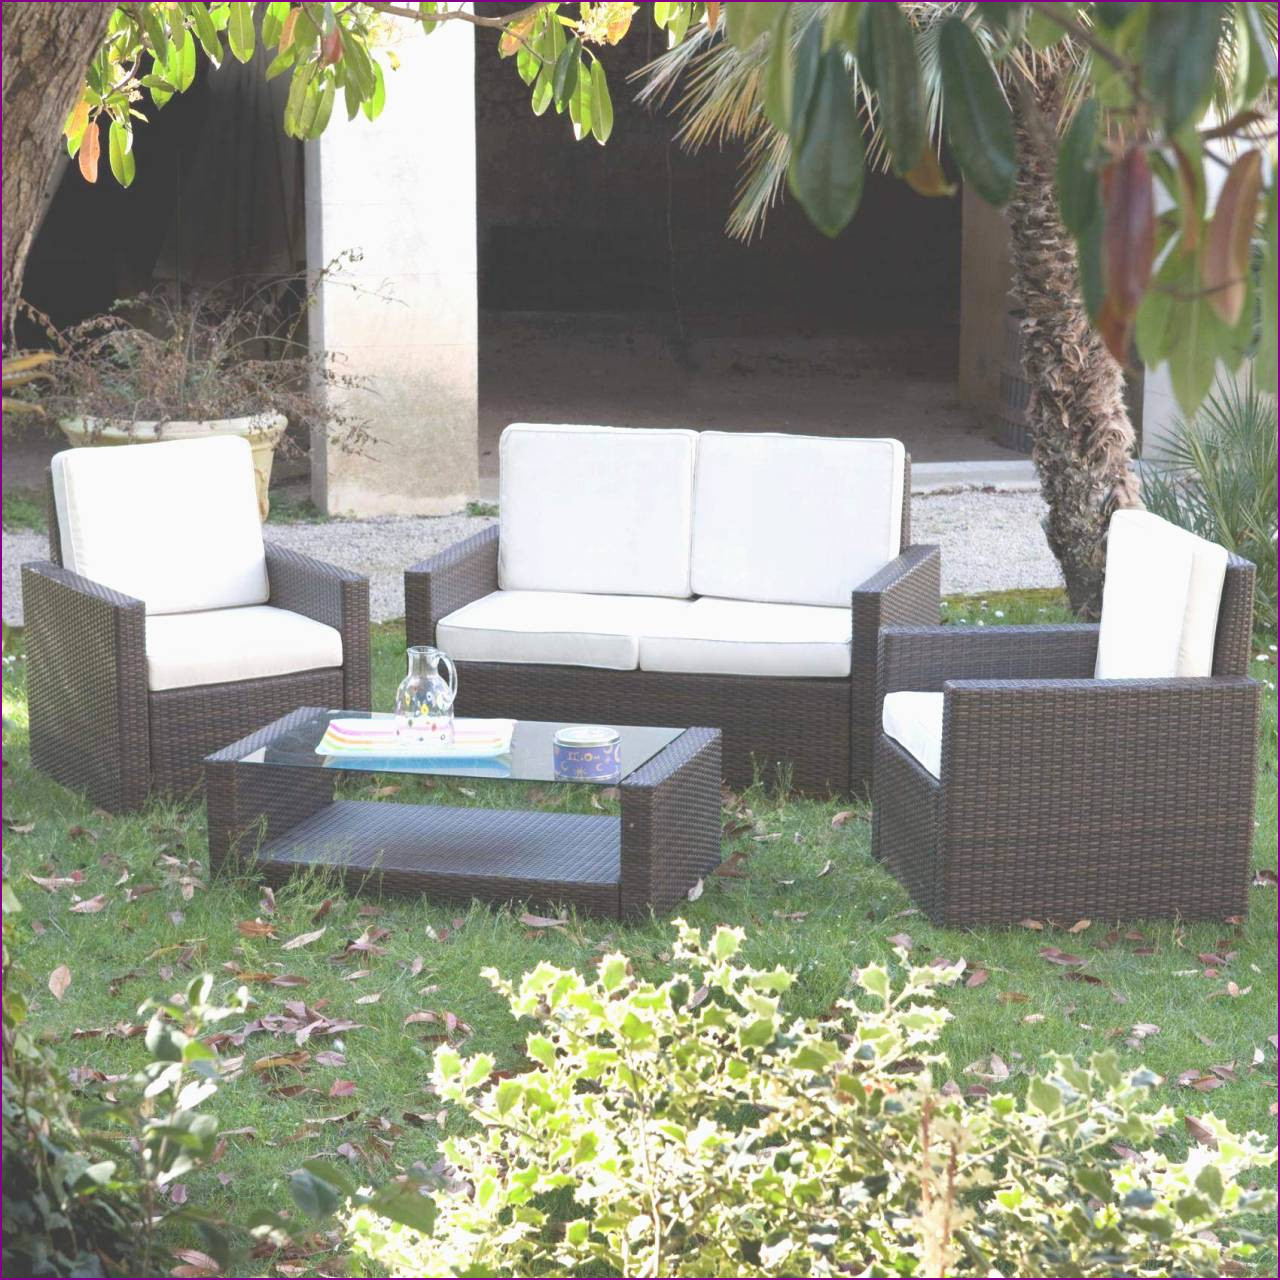 Salon De Jardin Pas Cher Leclerc - The Best Undercut Ponytail destiné Salon De Jardin Plastique Pas Cher